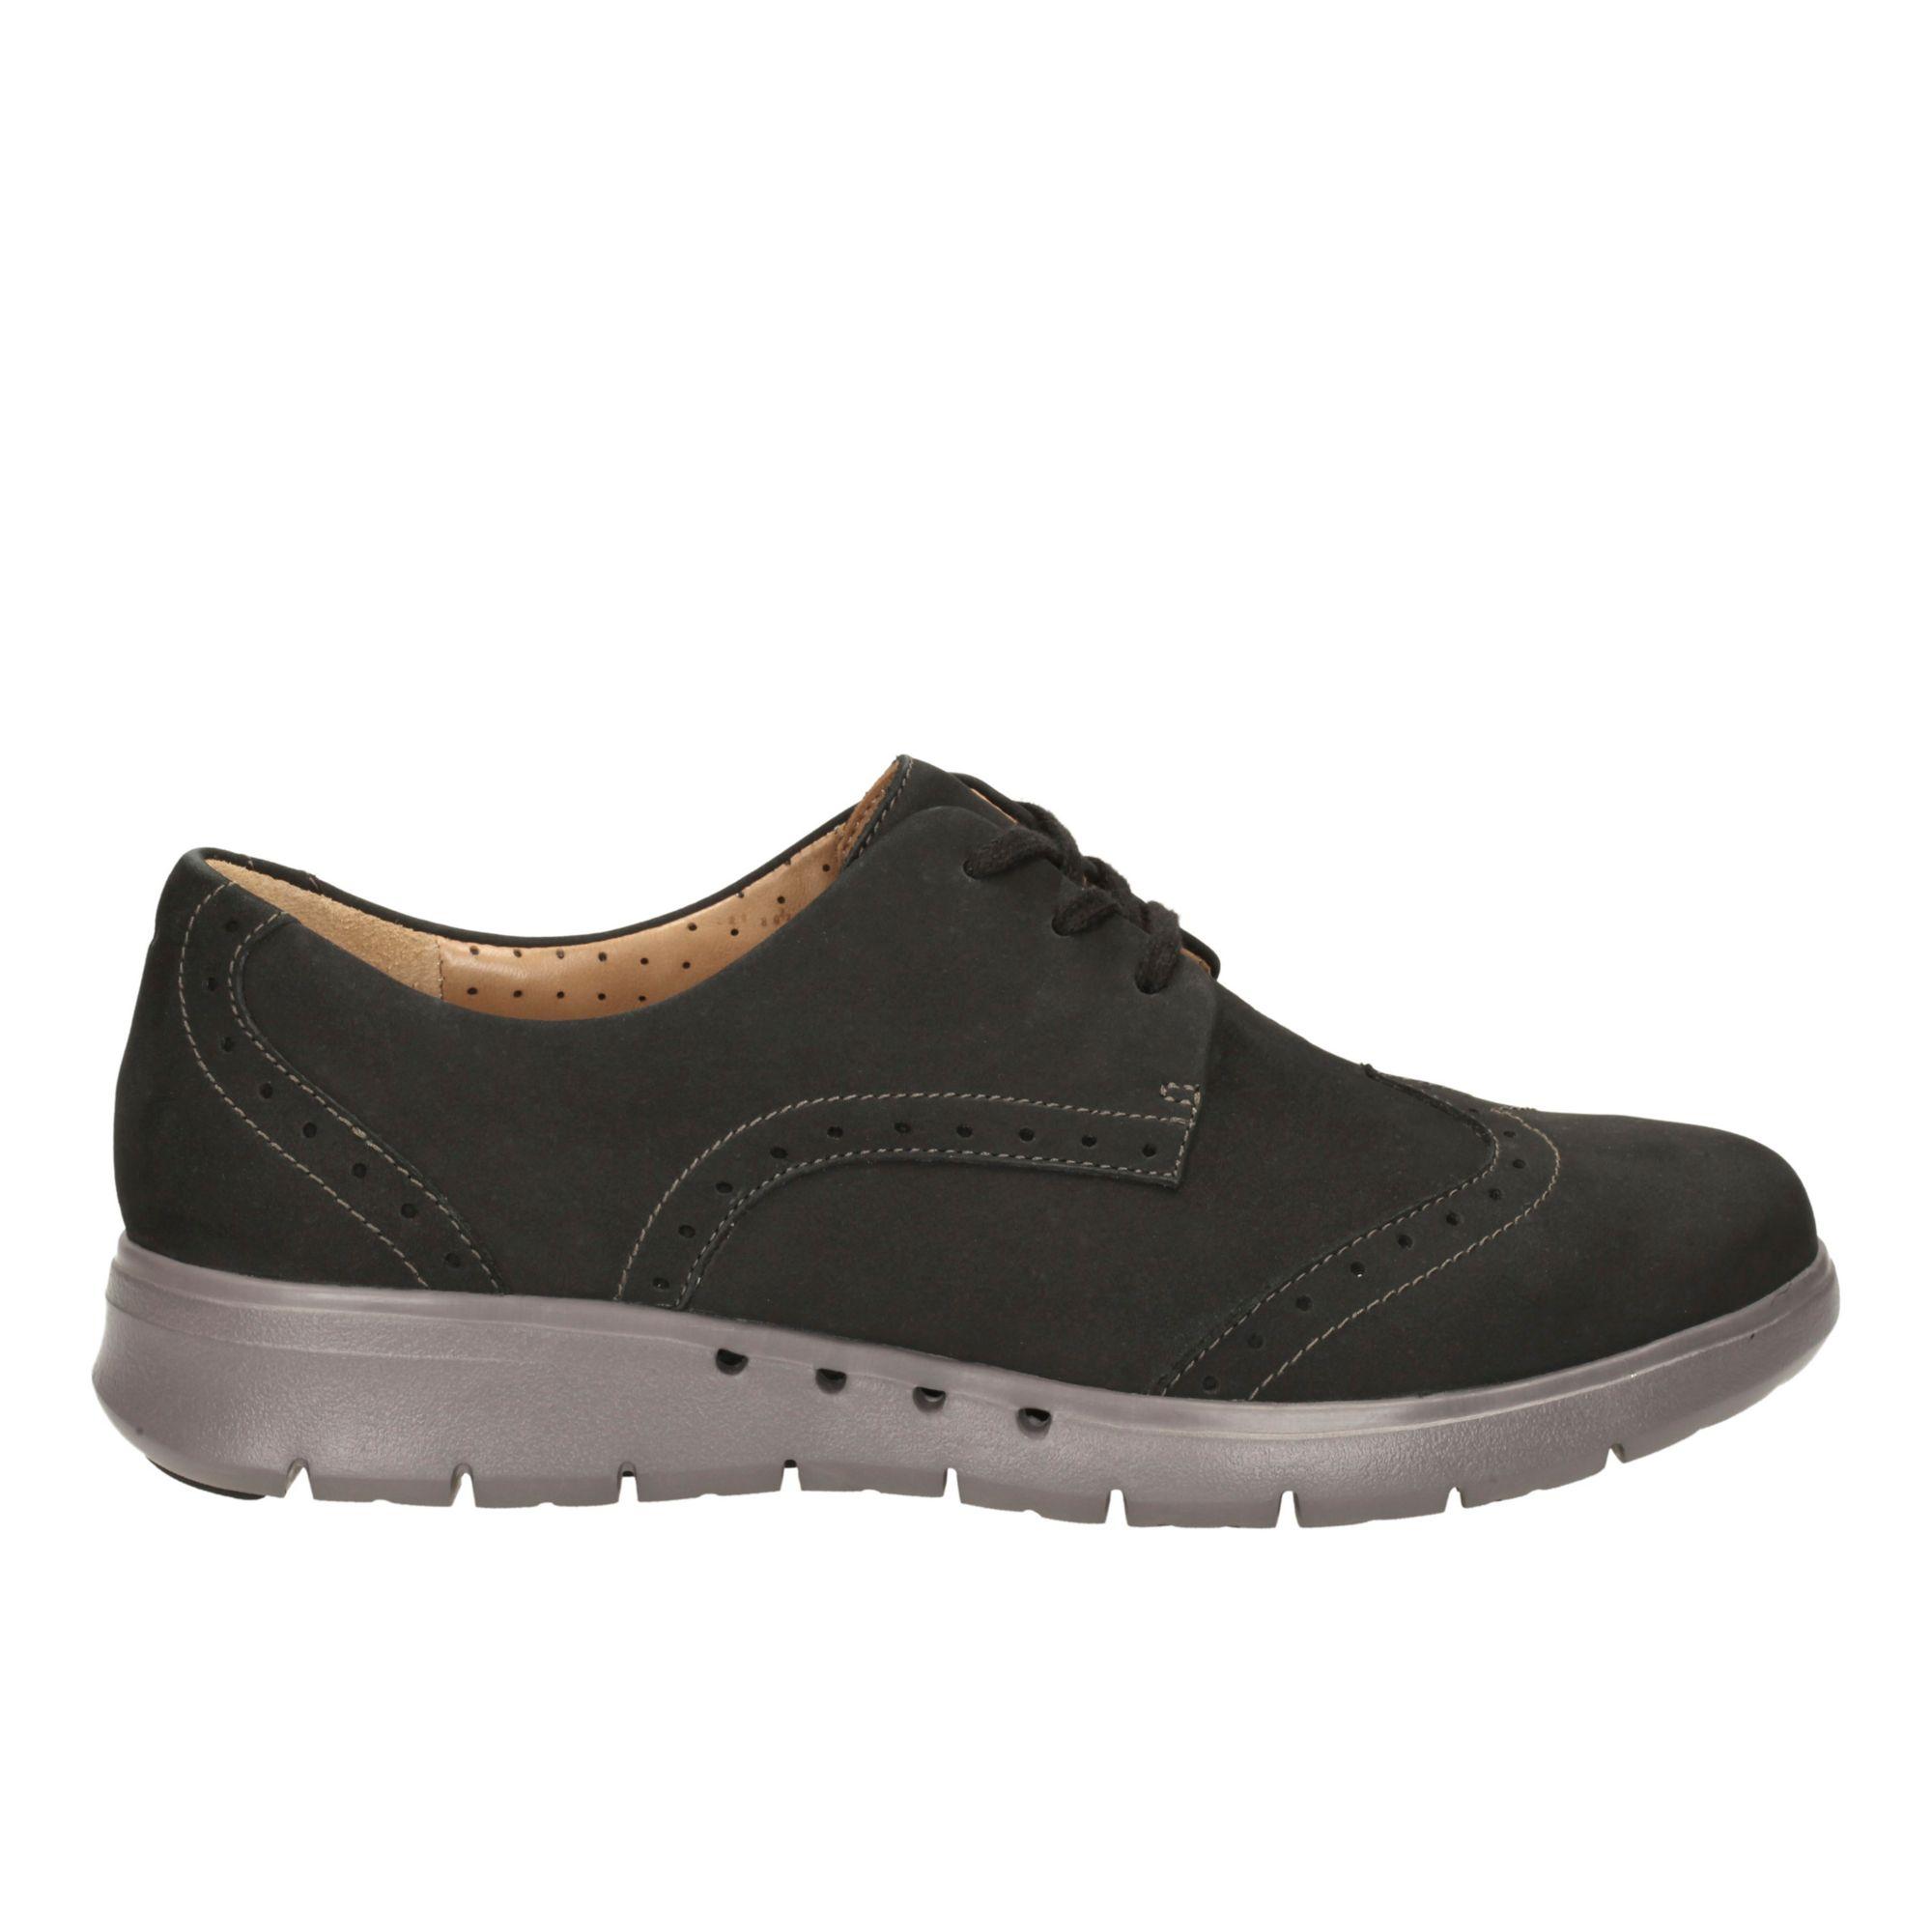 Zapatos mujer Un Hinton: Tiendas Notizalia